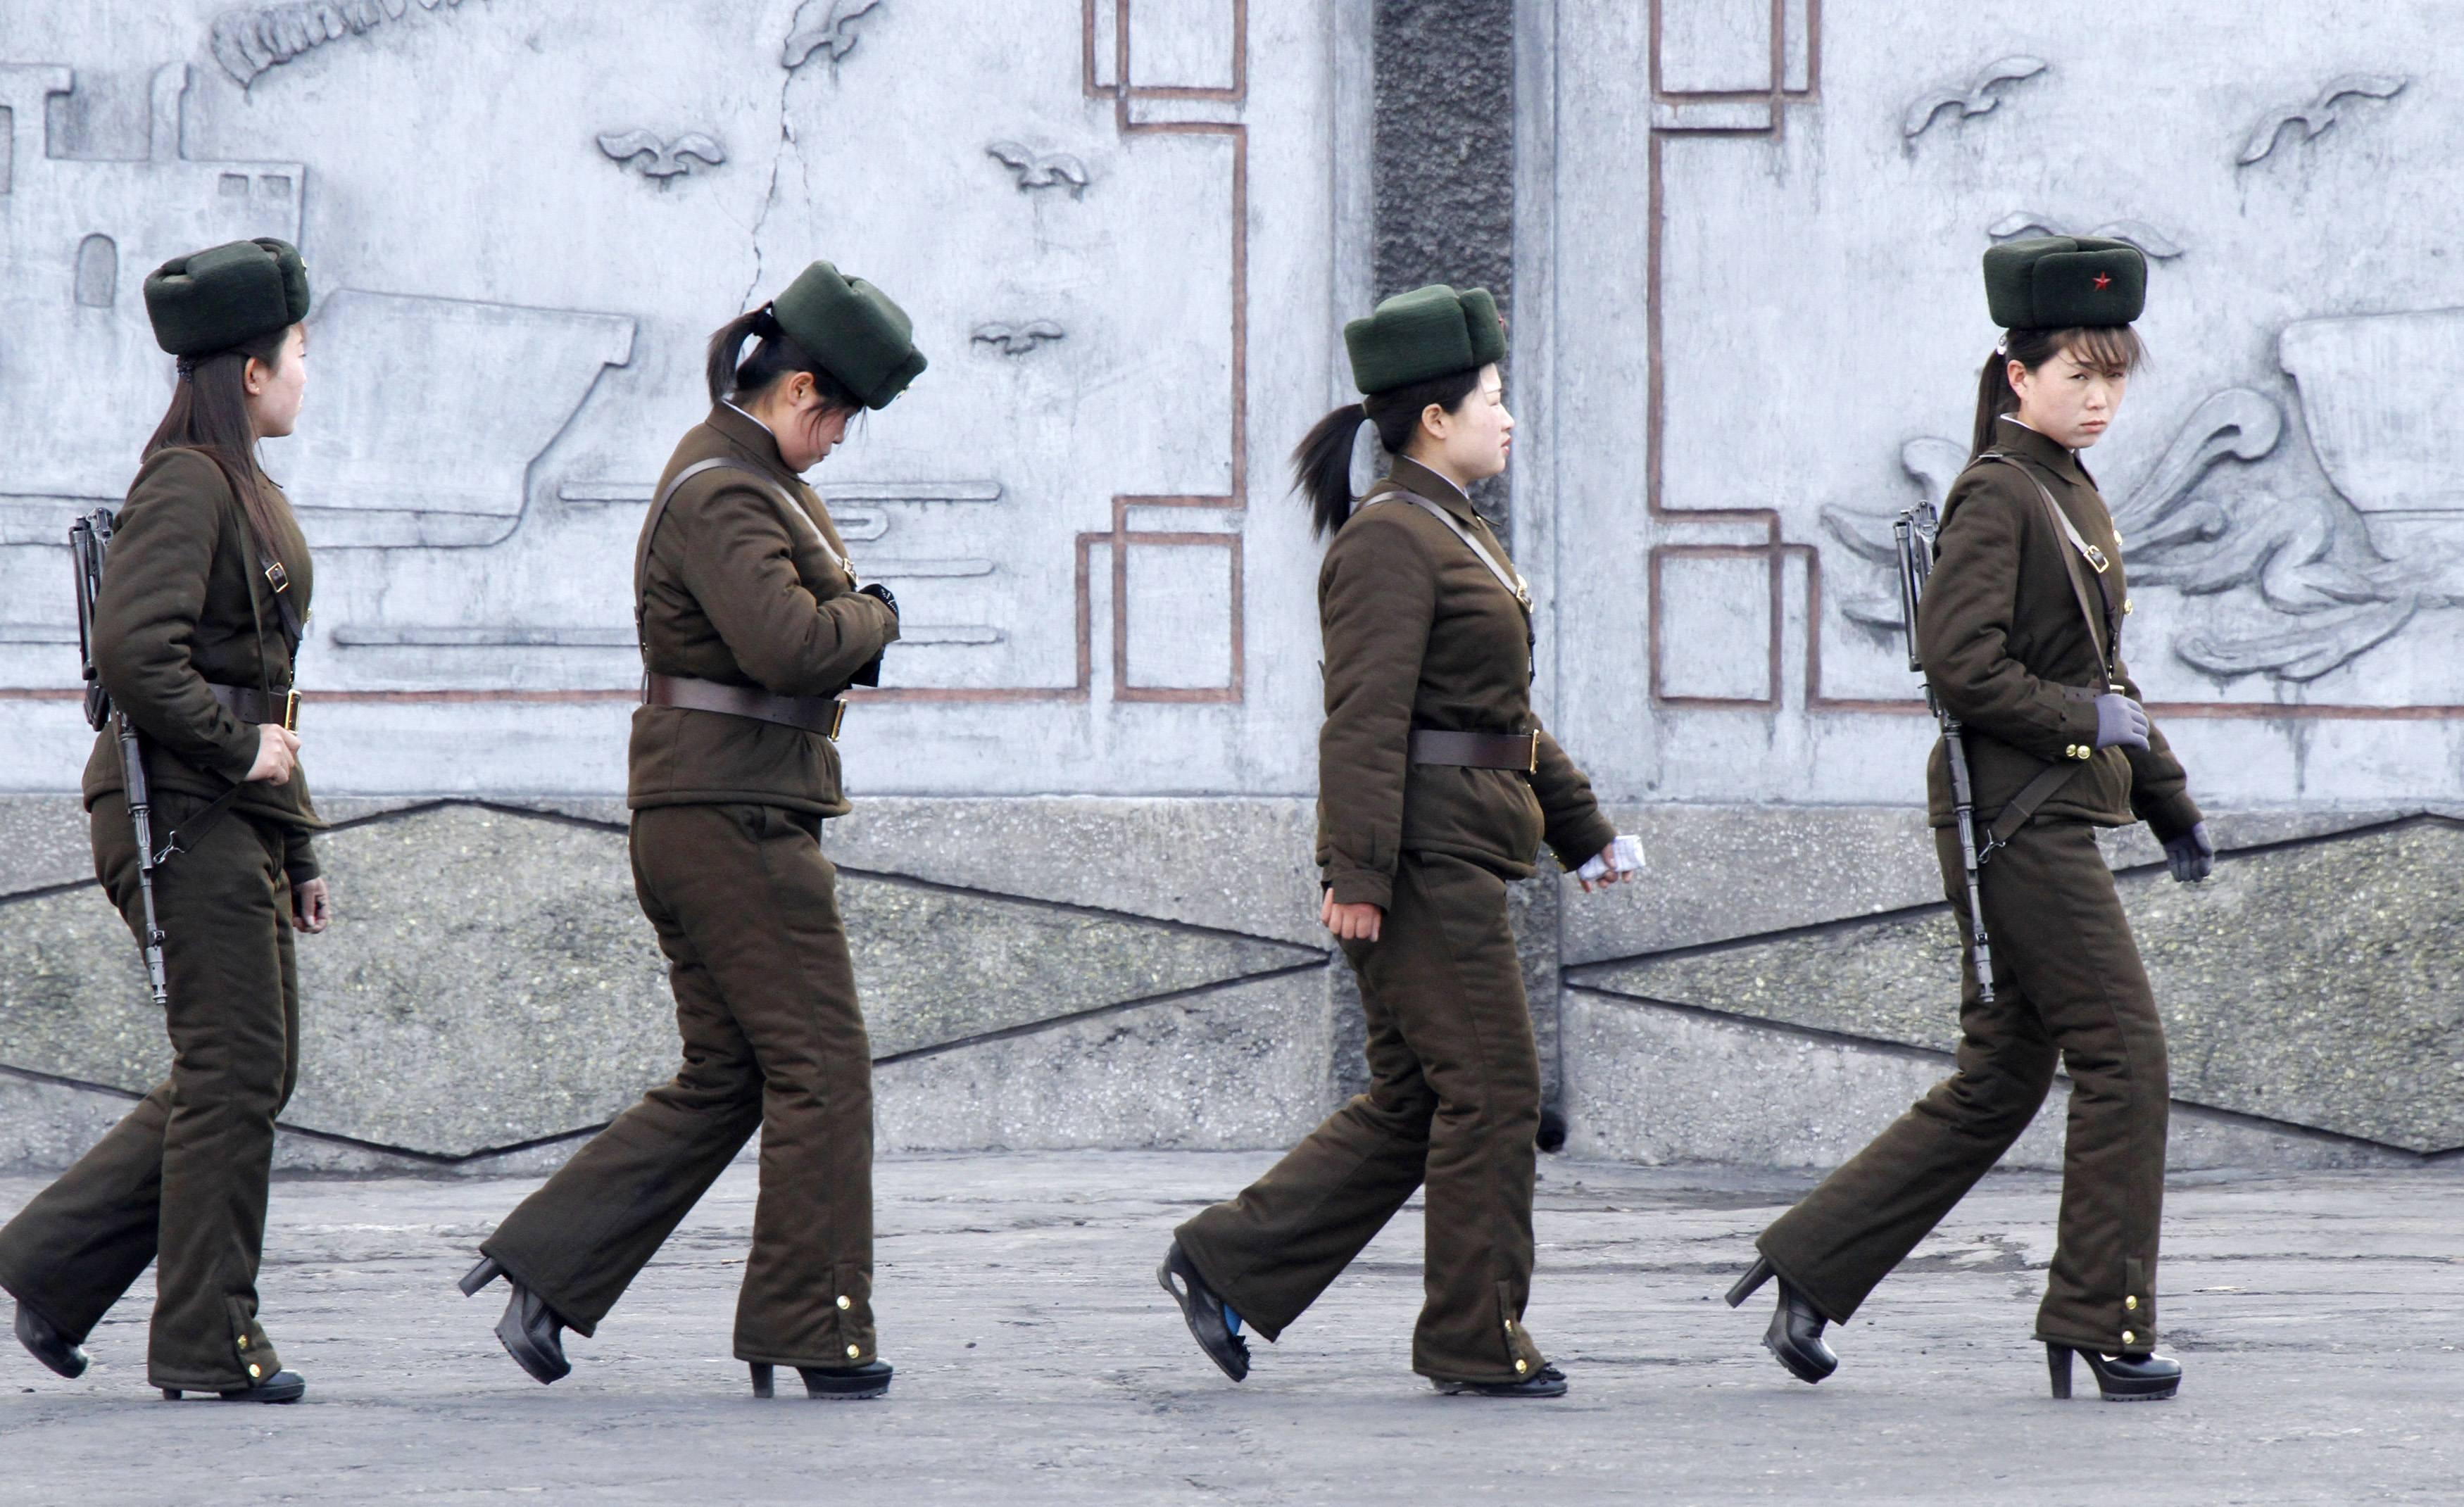 Солдаты моются онлайн 19 фотография